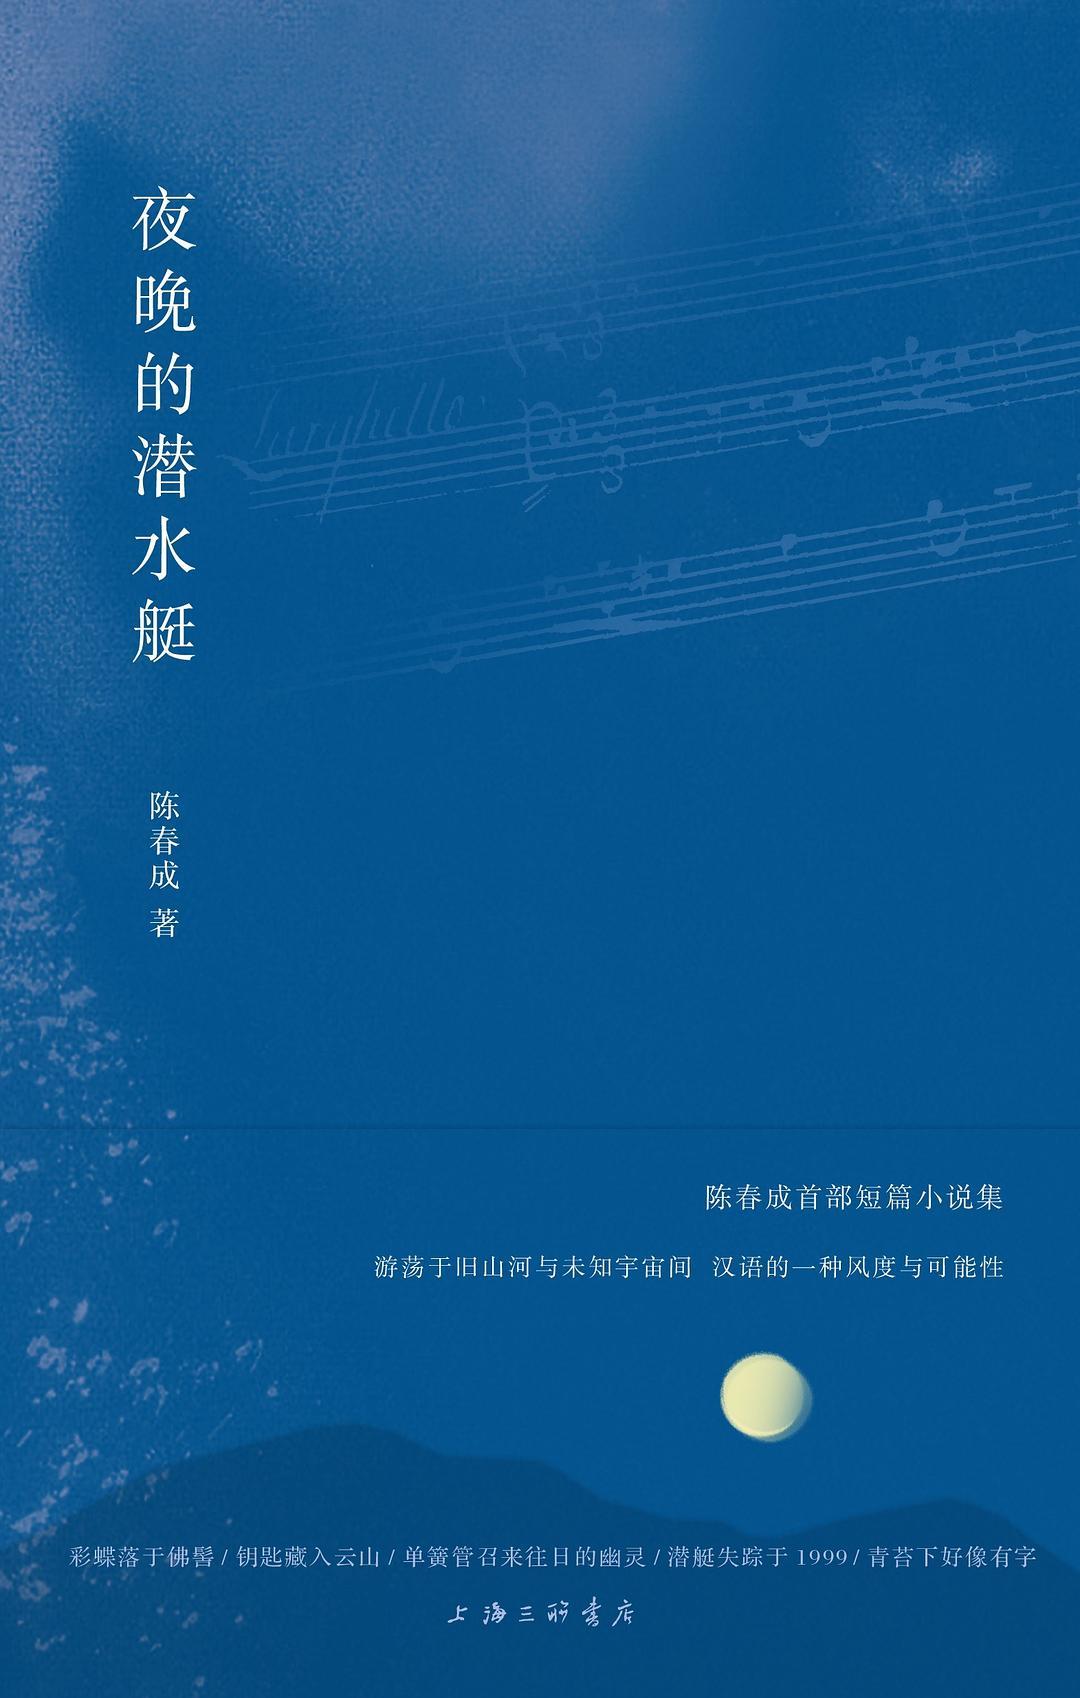 夜晚的潜水艇-陈春成